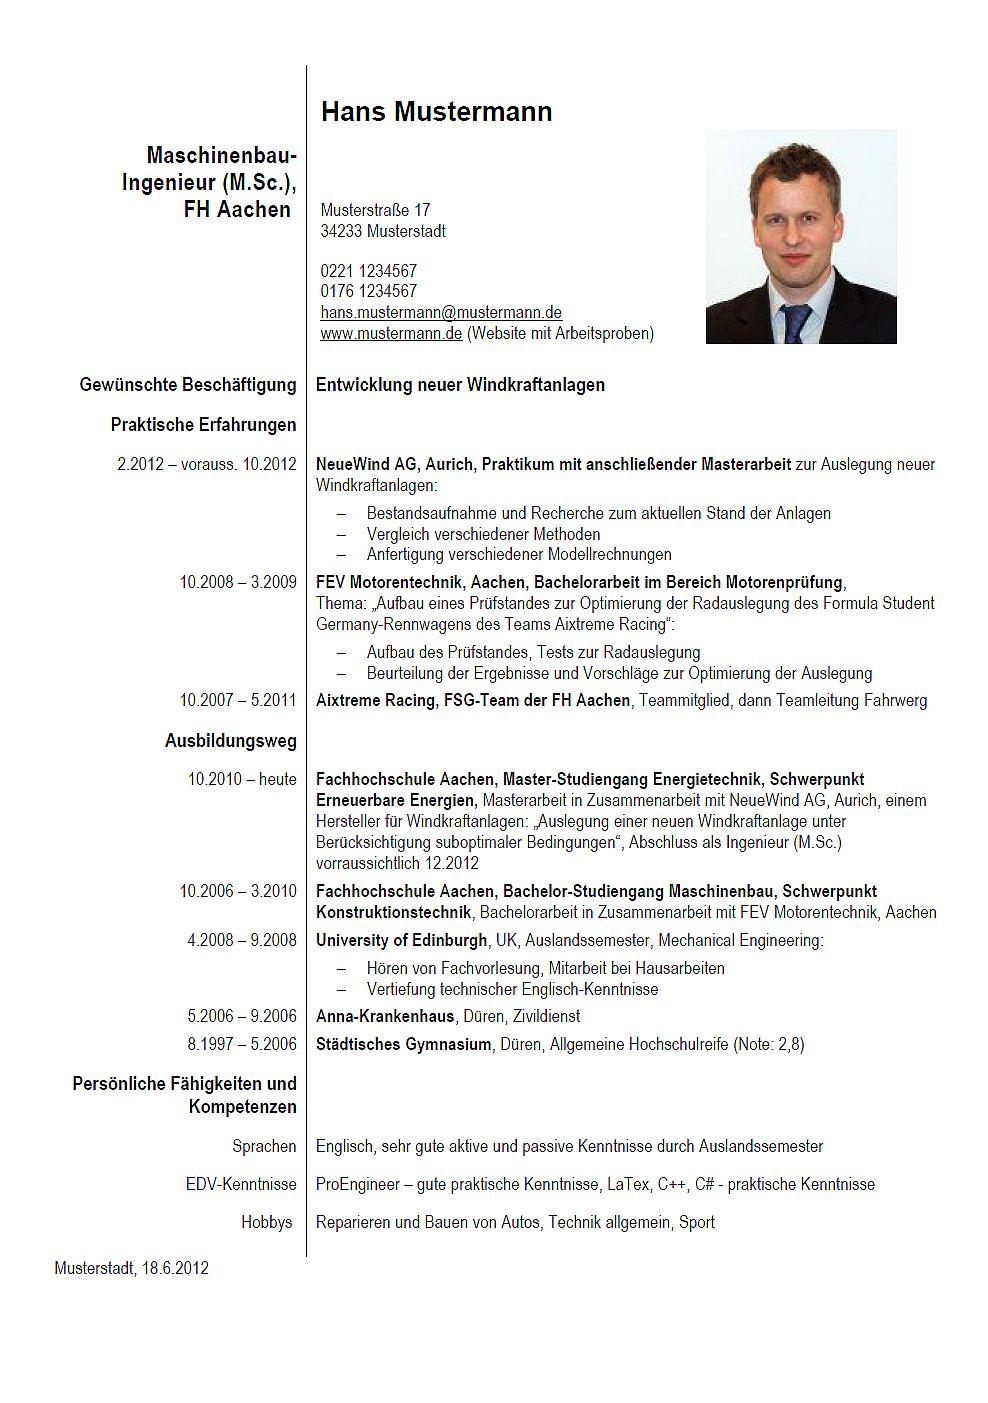 Euro CV Lebenslauf – Karriereletter